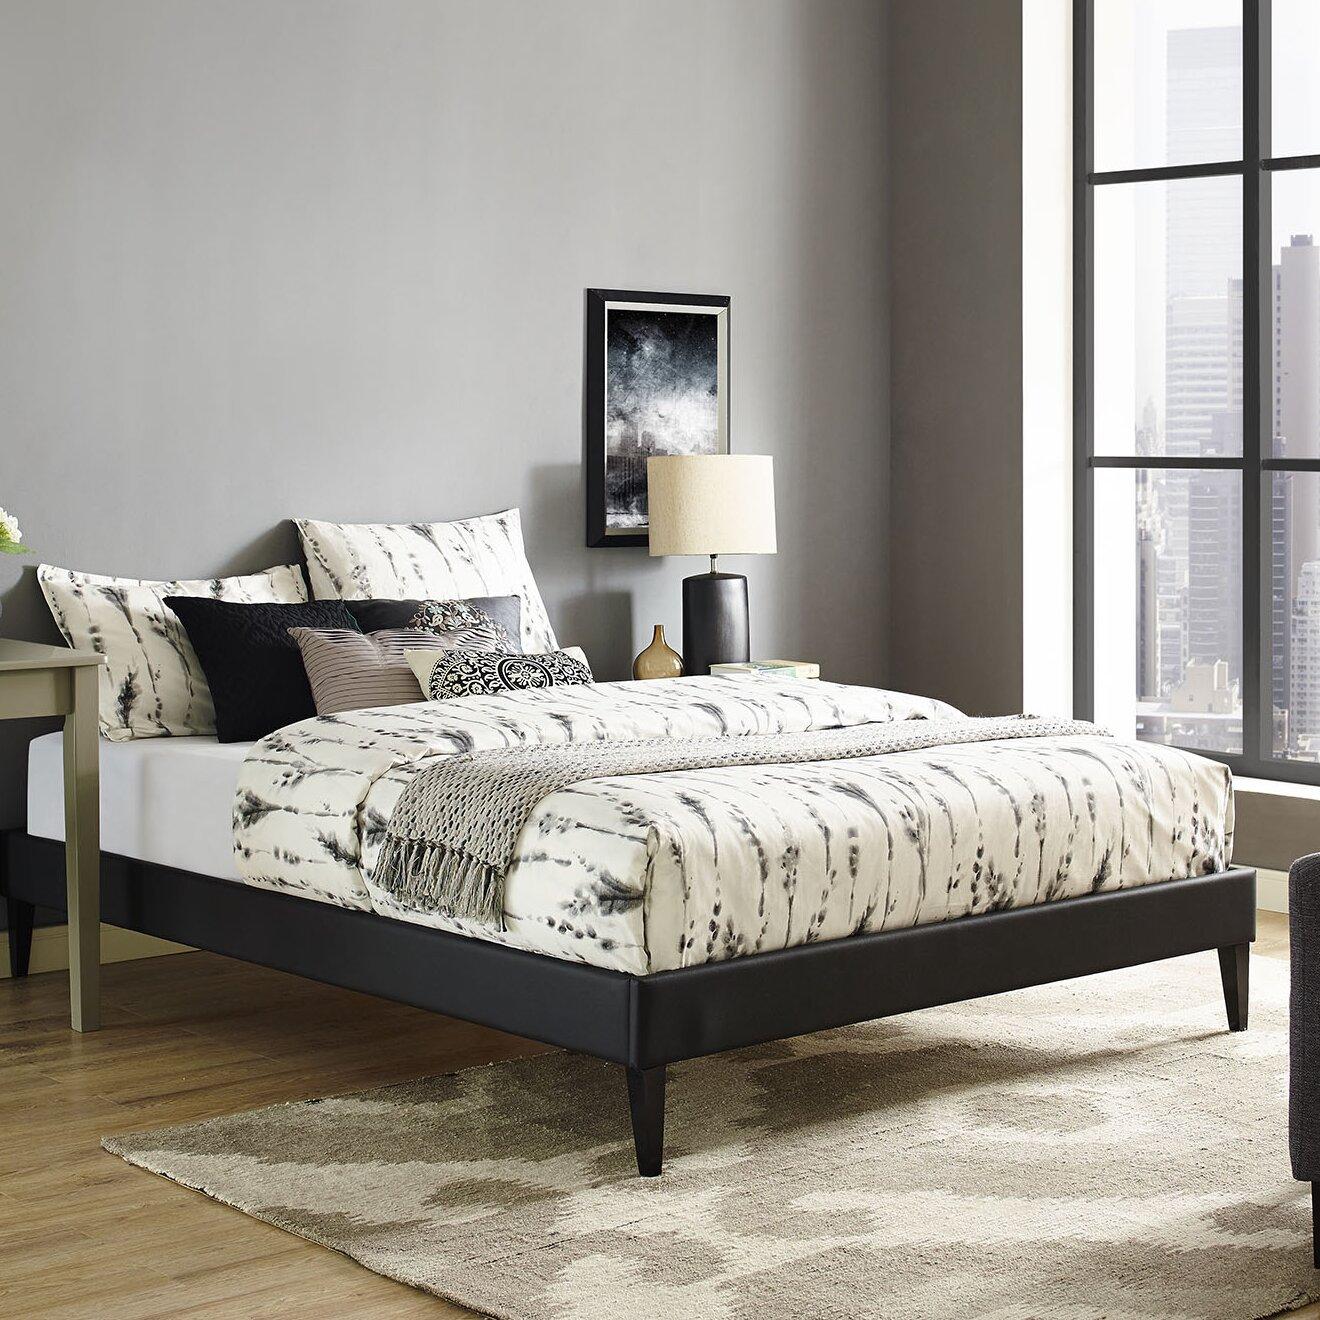 Modway Sharon Bed Frame